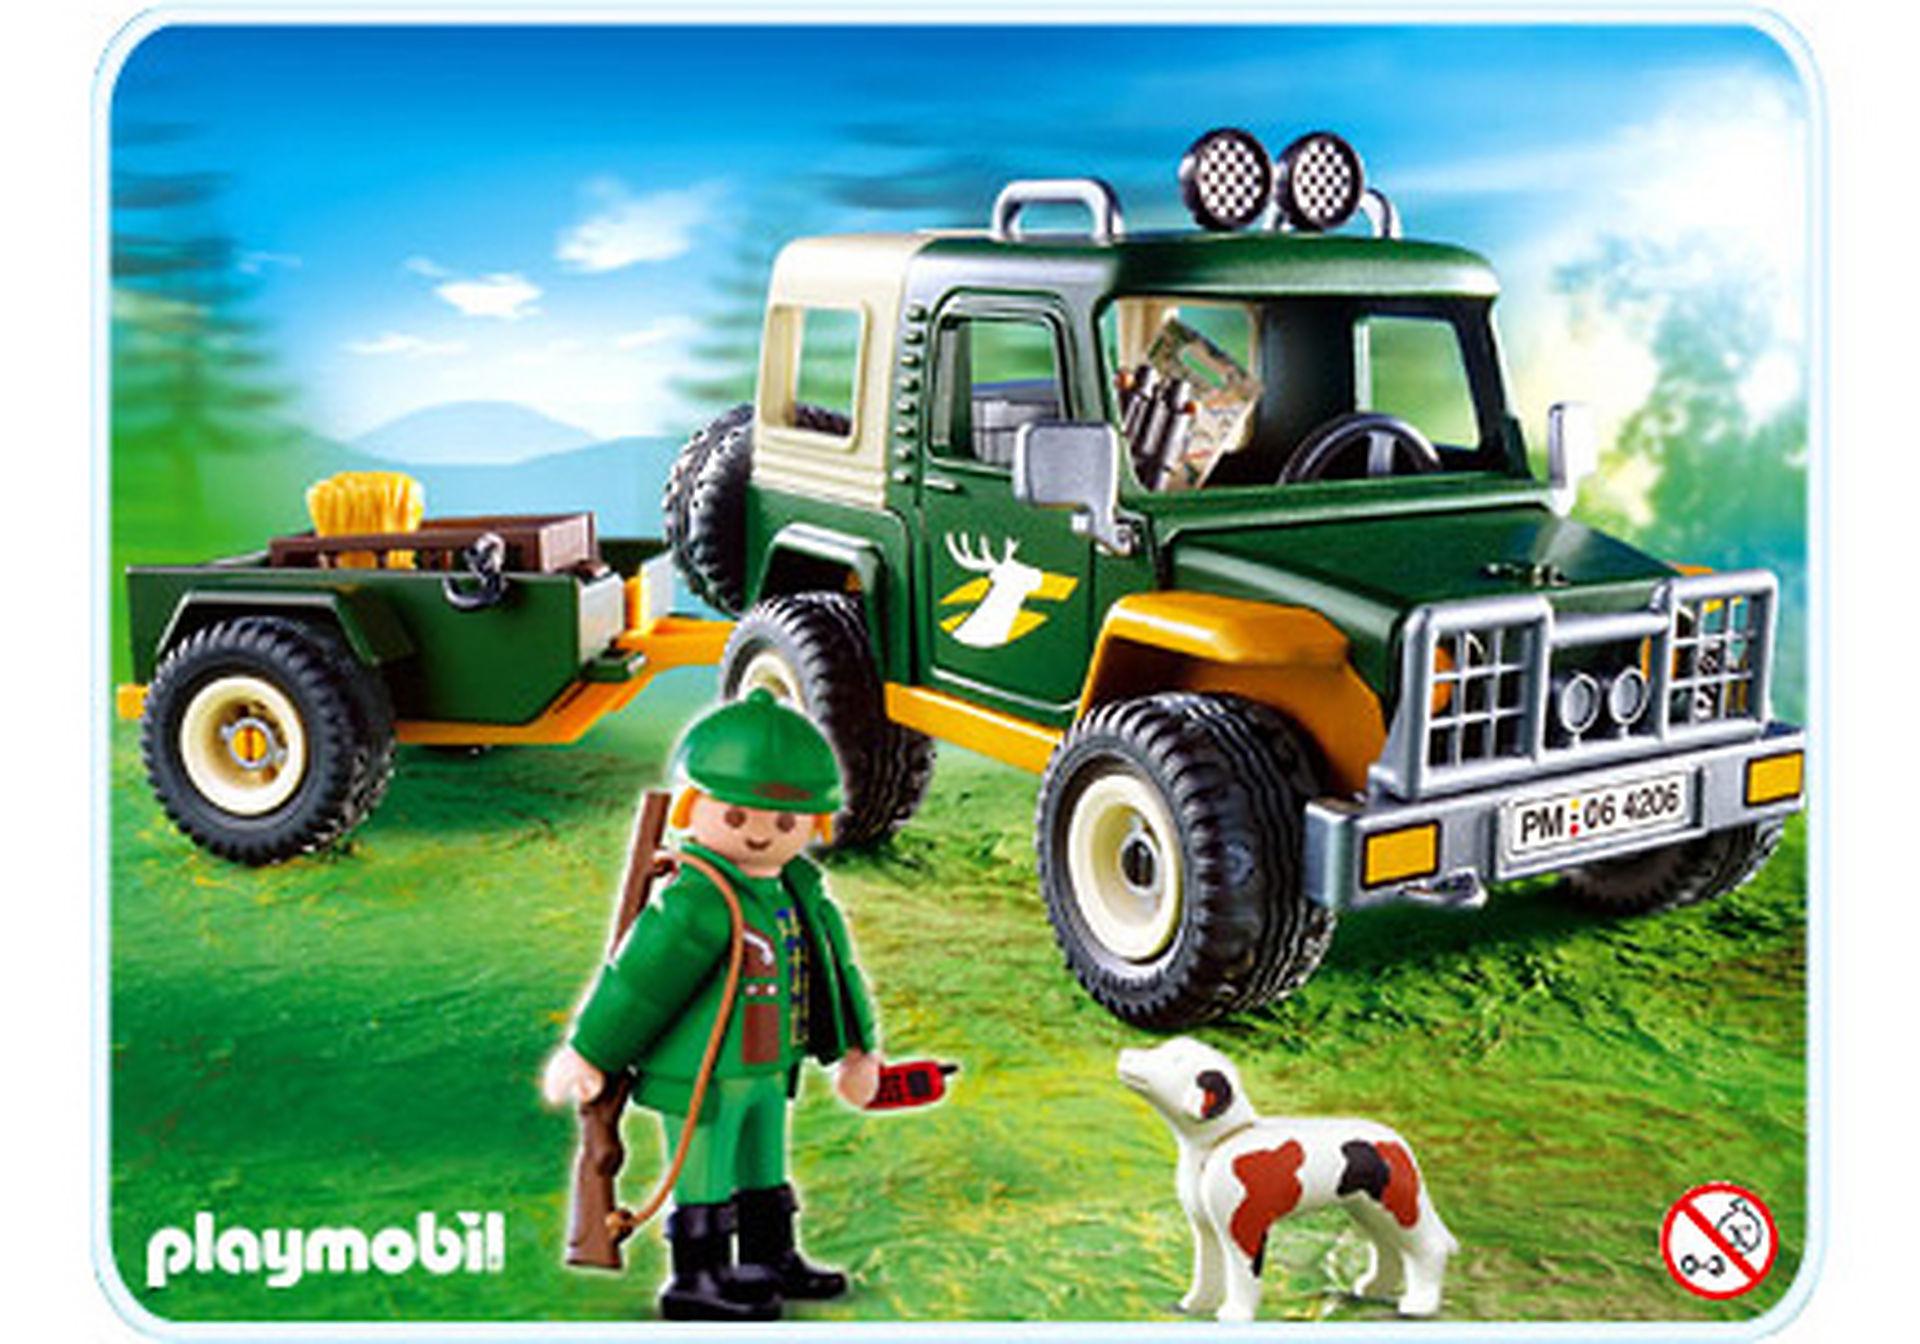 4206-A Forst-Geländewagen mit Anhänger zoom image1